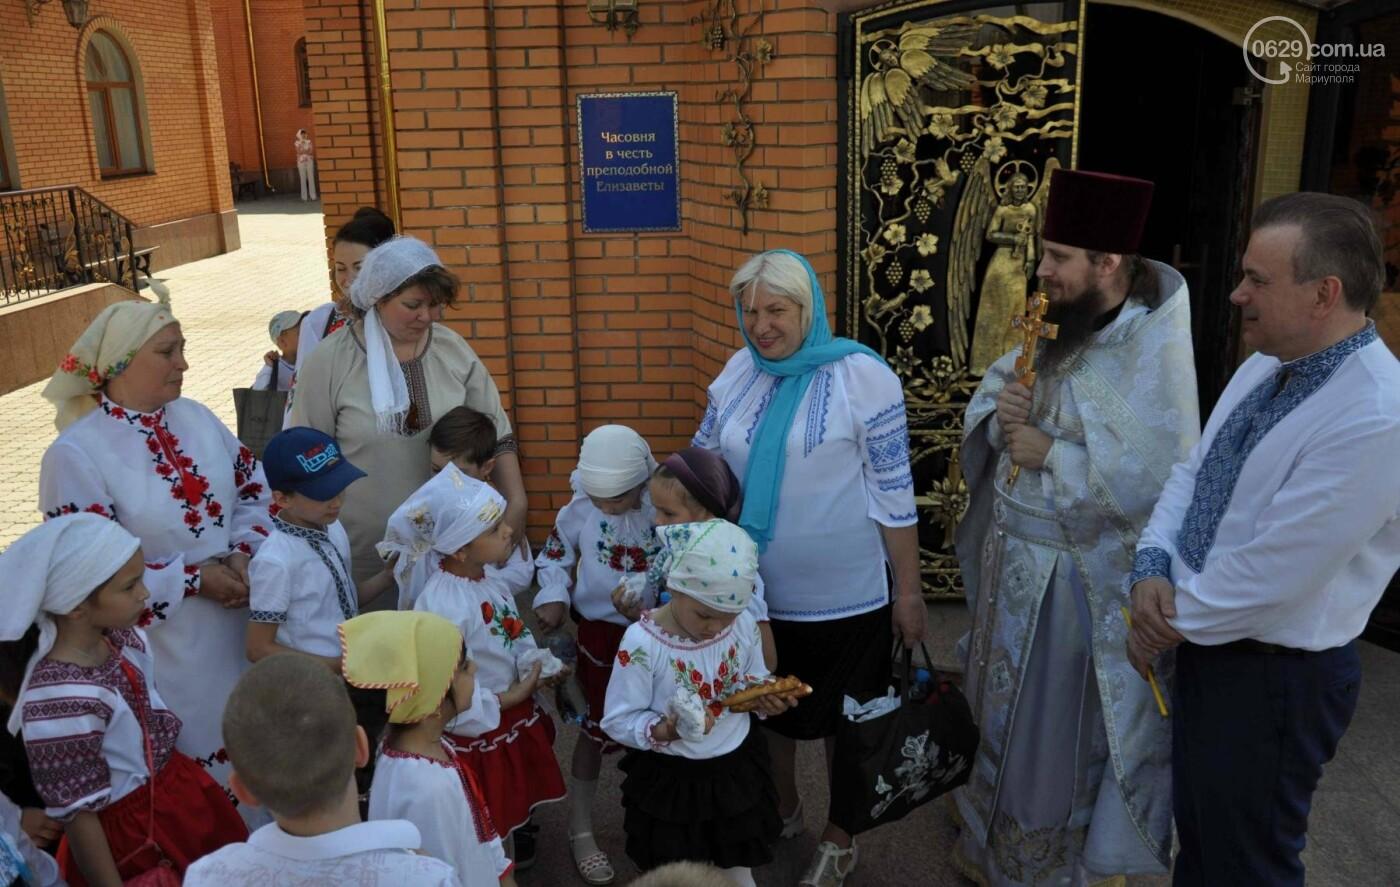 Праздник Вознесения и День вышиванки объединили прихожан в Свято-Покровском храме с.Боевое, фото-28